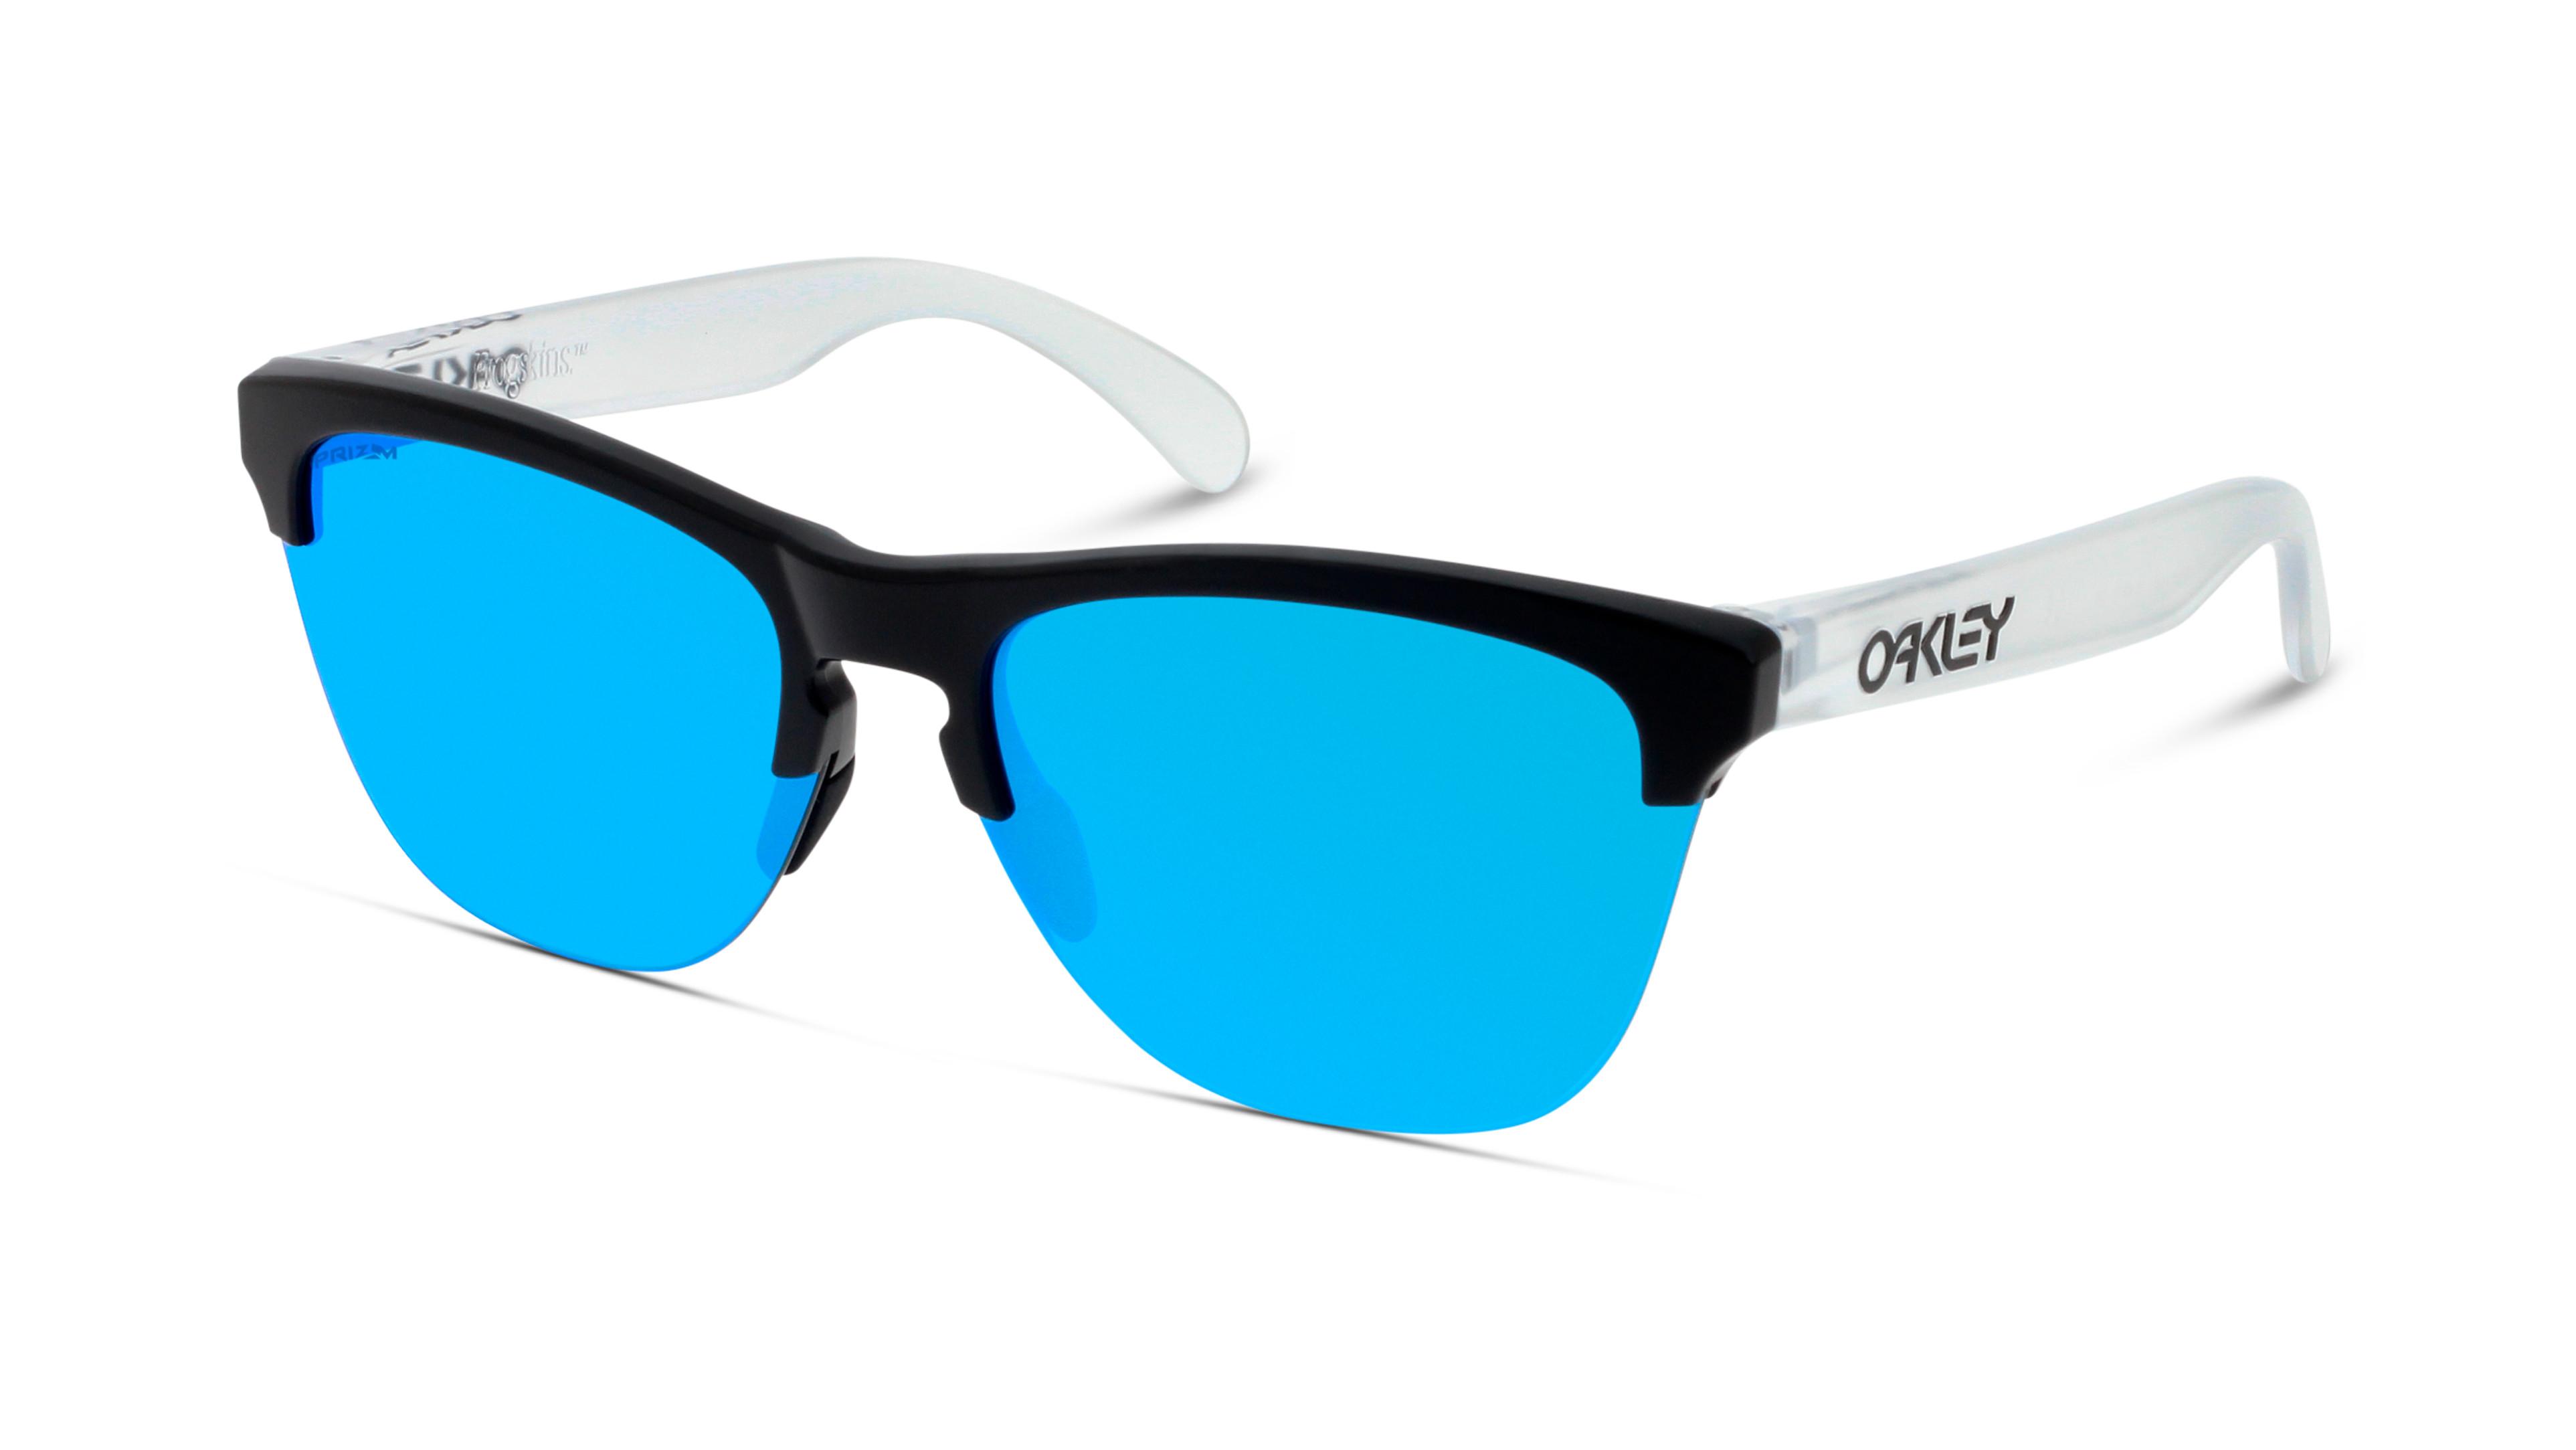 888392326843-angle-01-oakley-oo9374-eyewear-matte-black